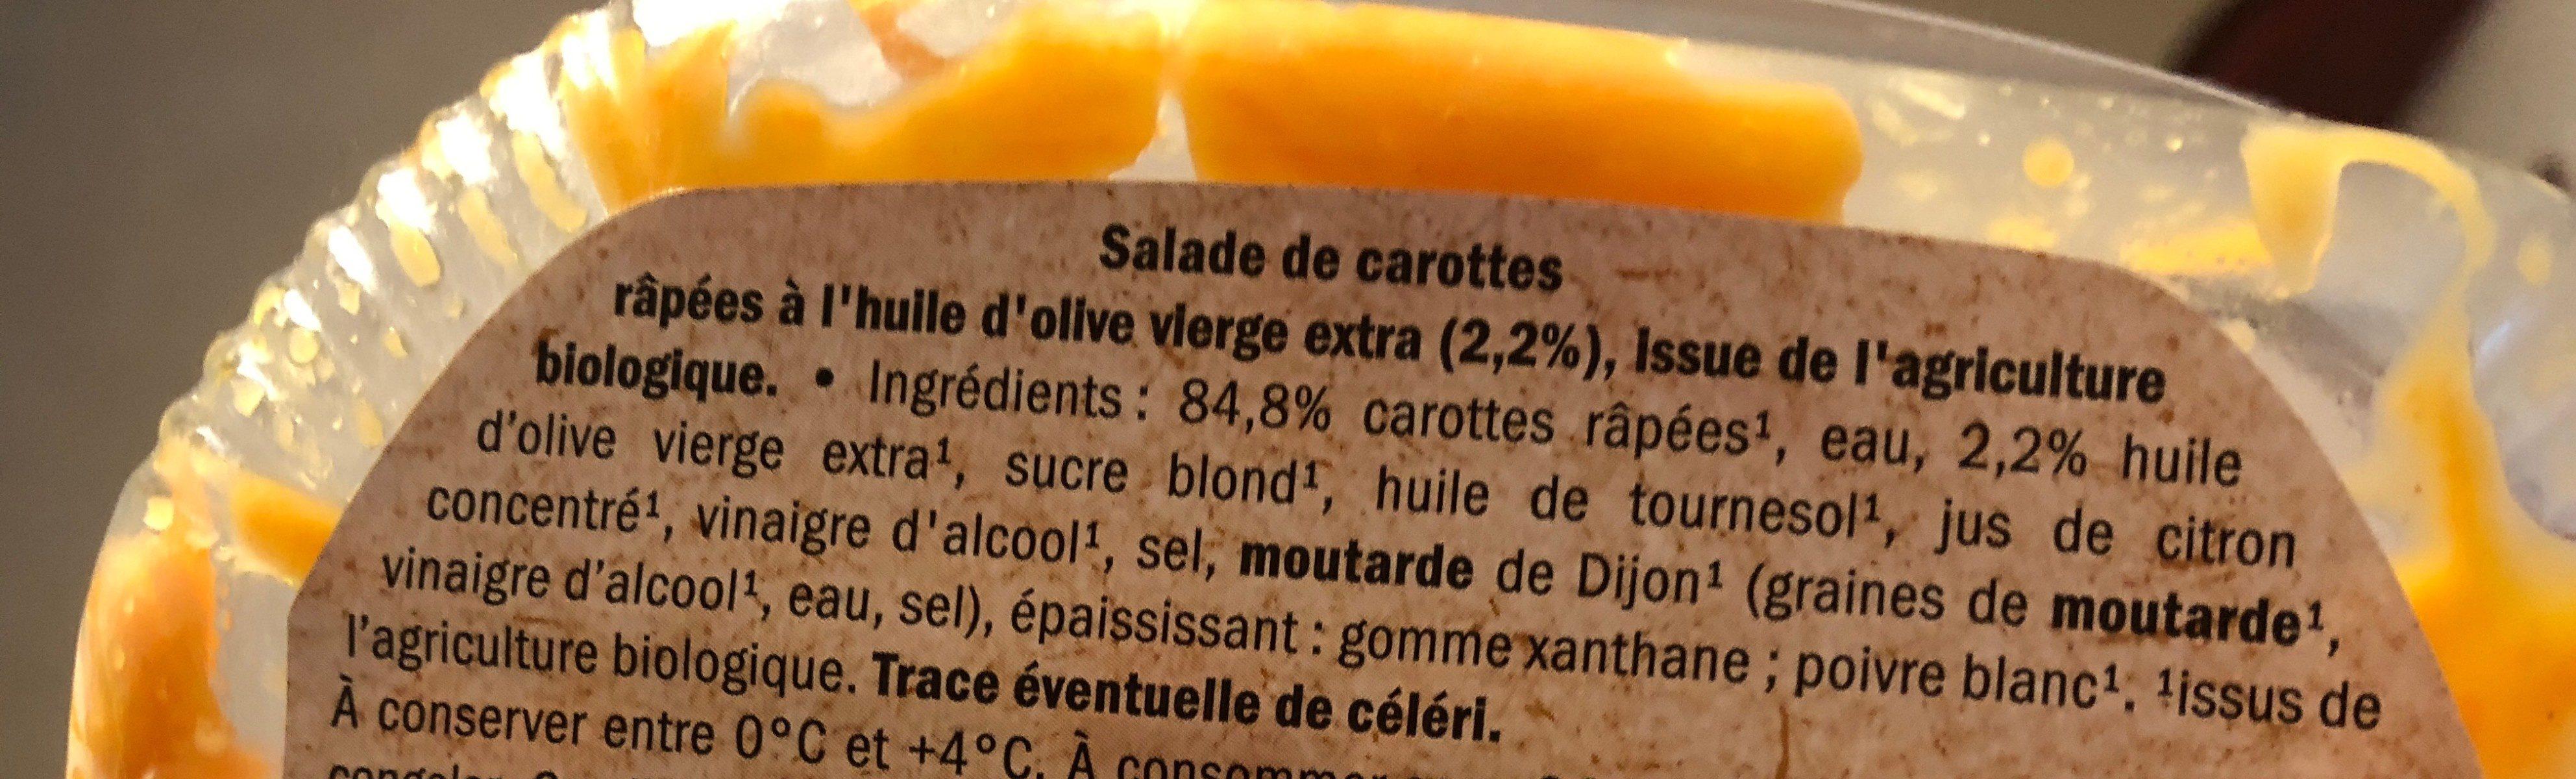 Bio carottes râpées - Ingrédients - fr